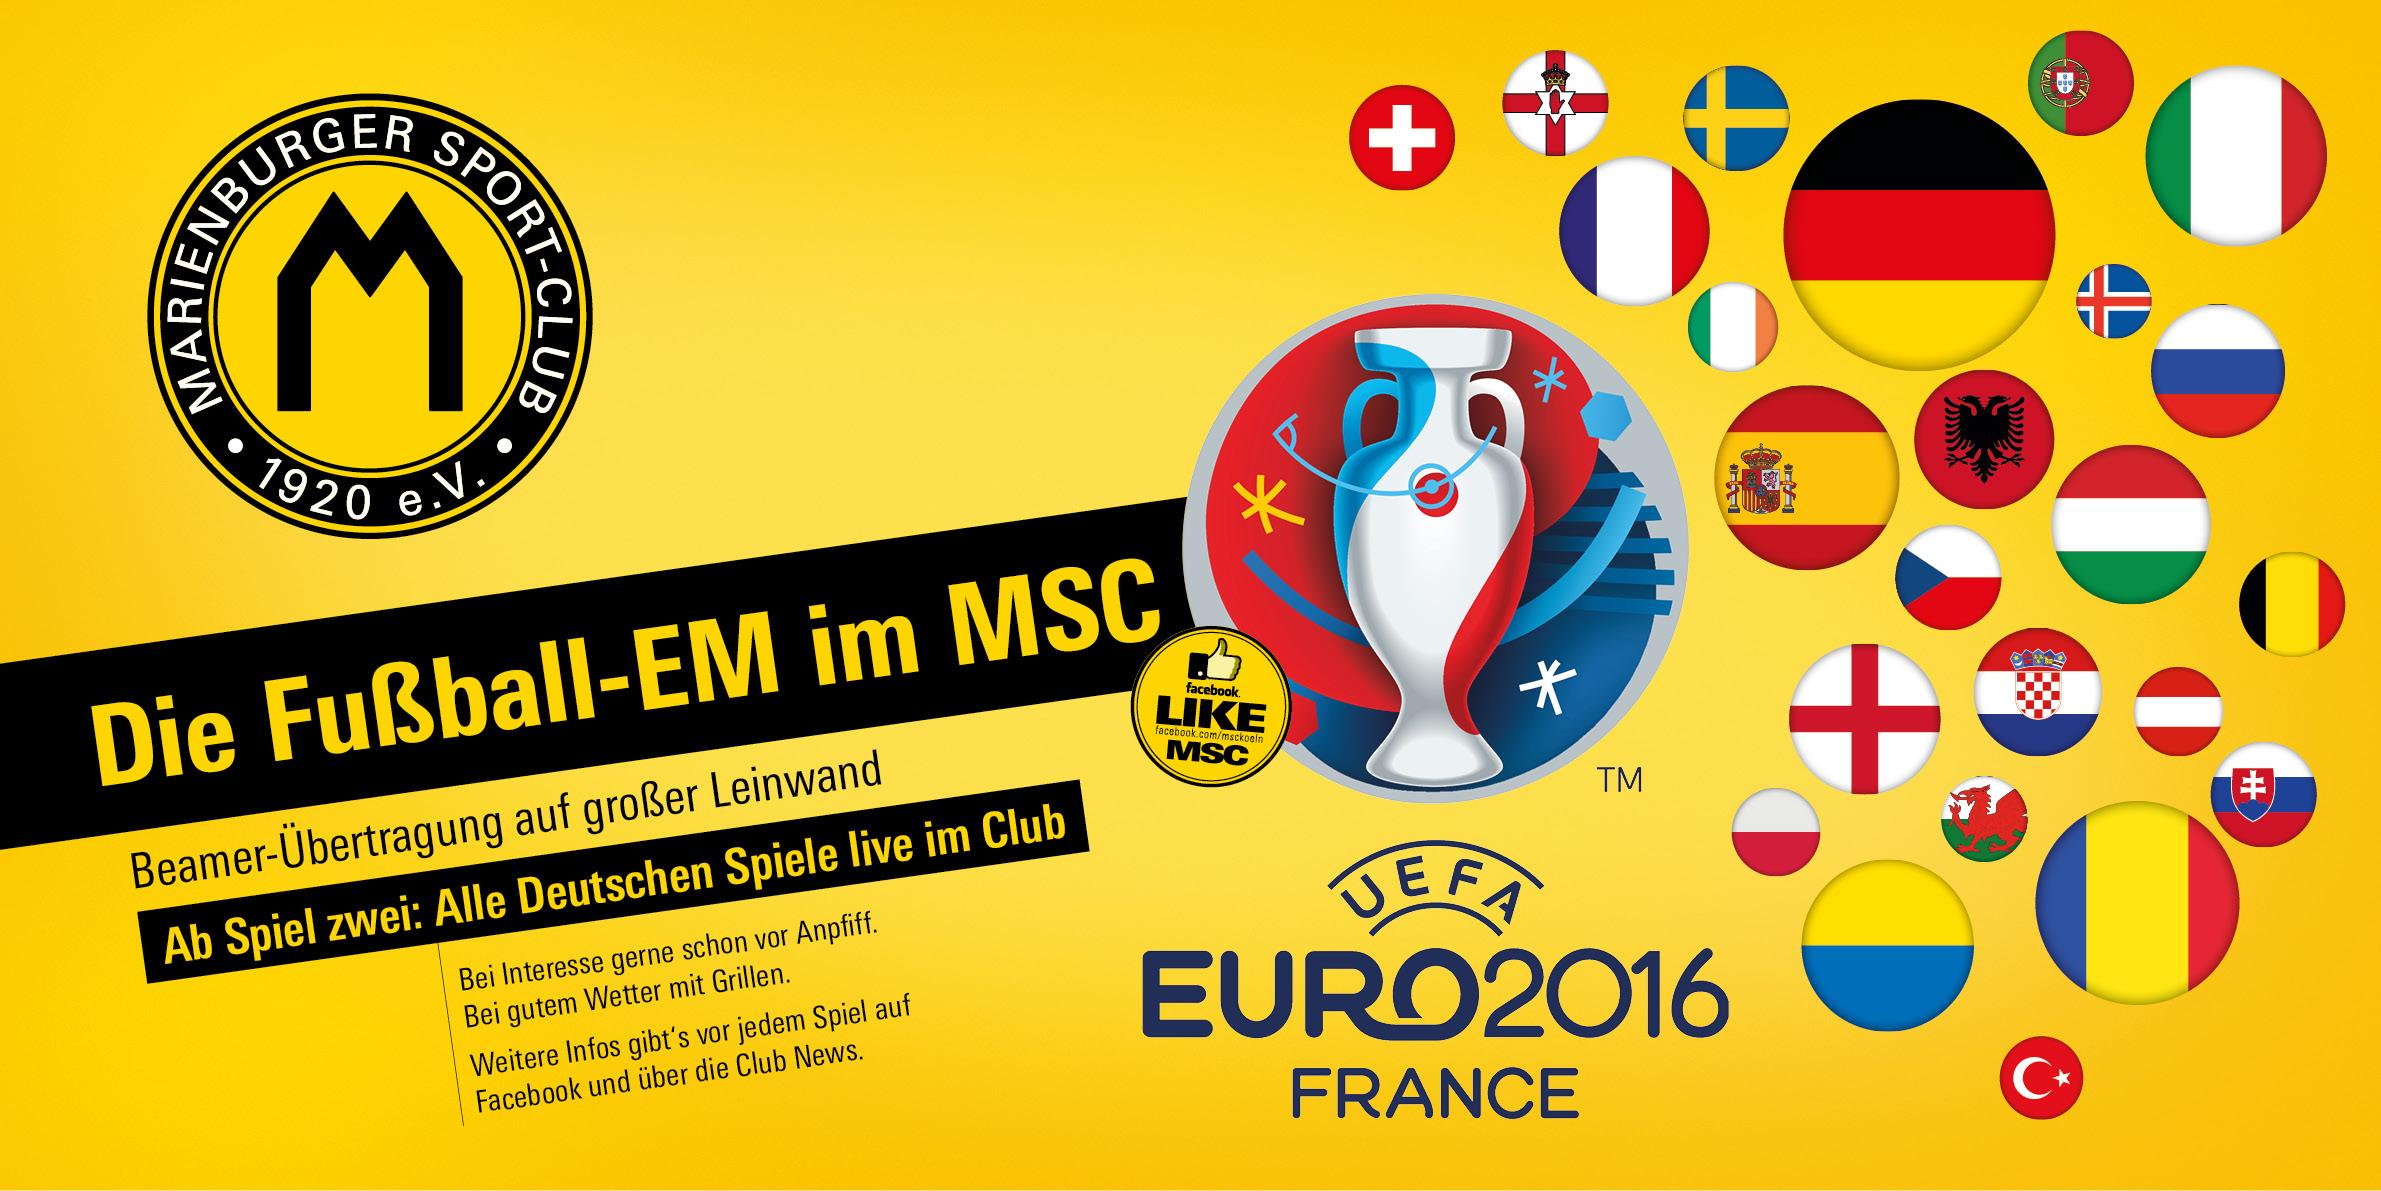 MSCB_Fussball-EM 2016 Plakat_QuerWeb